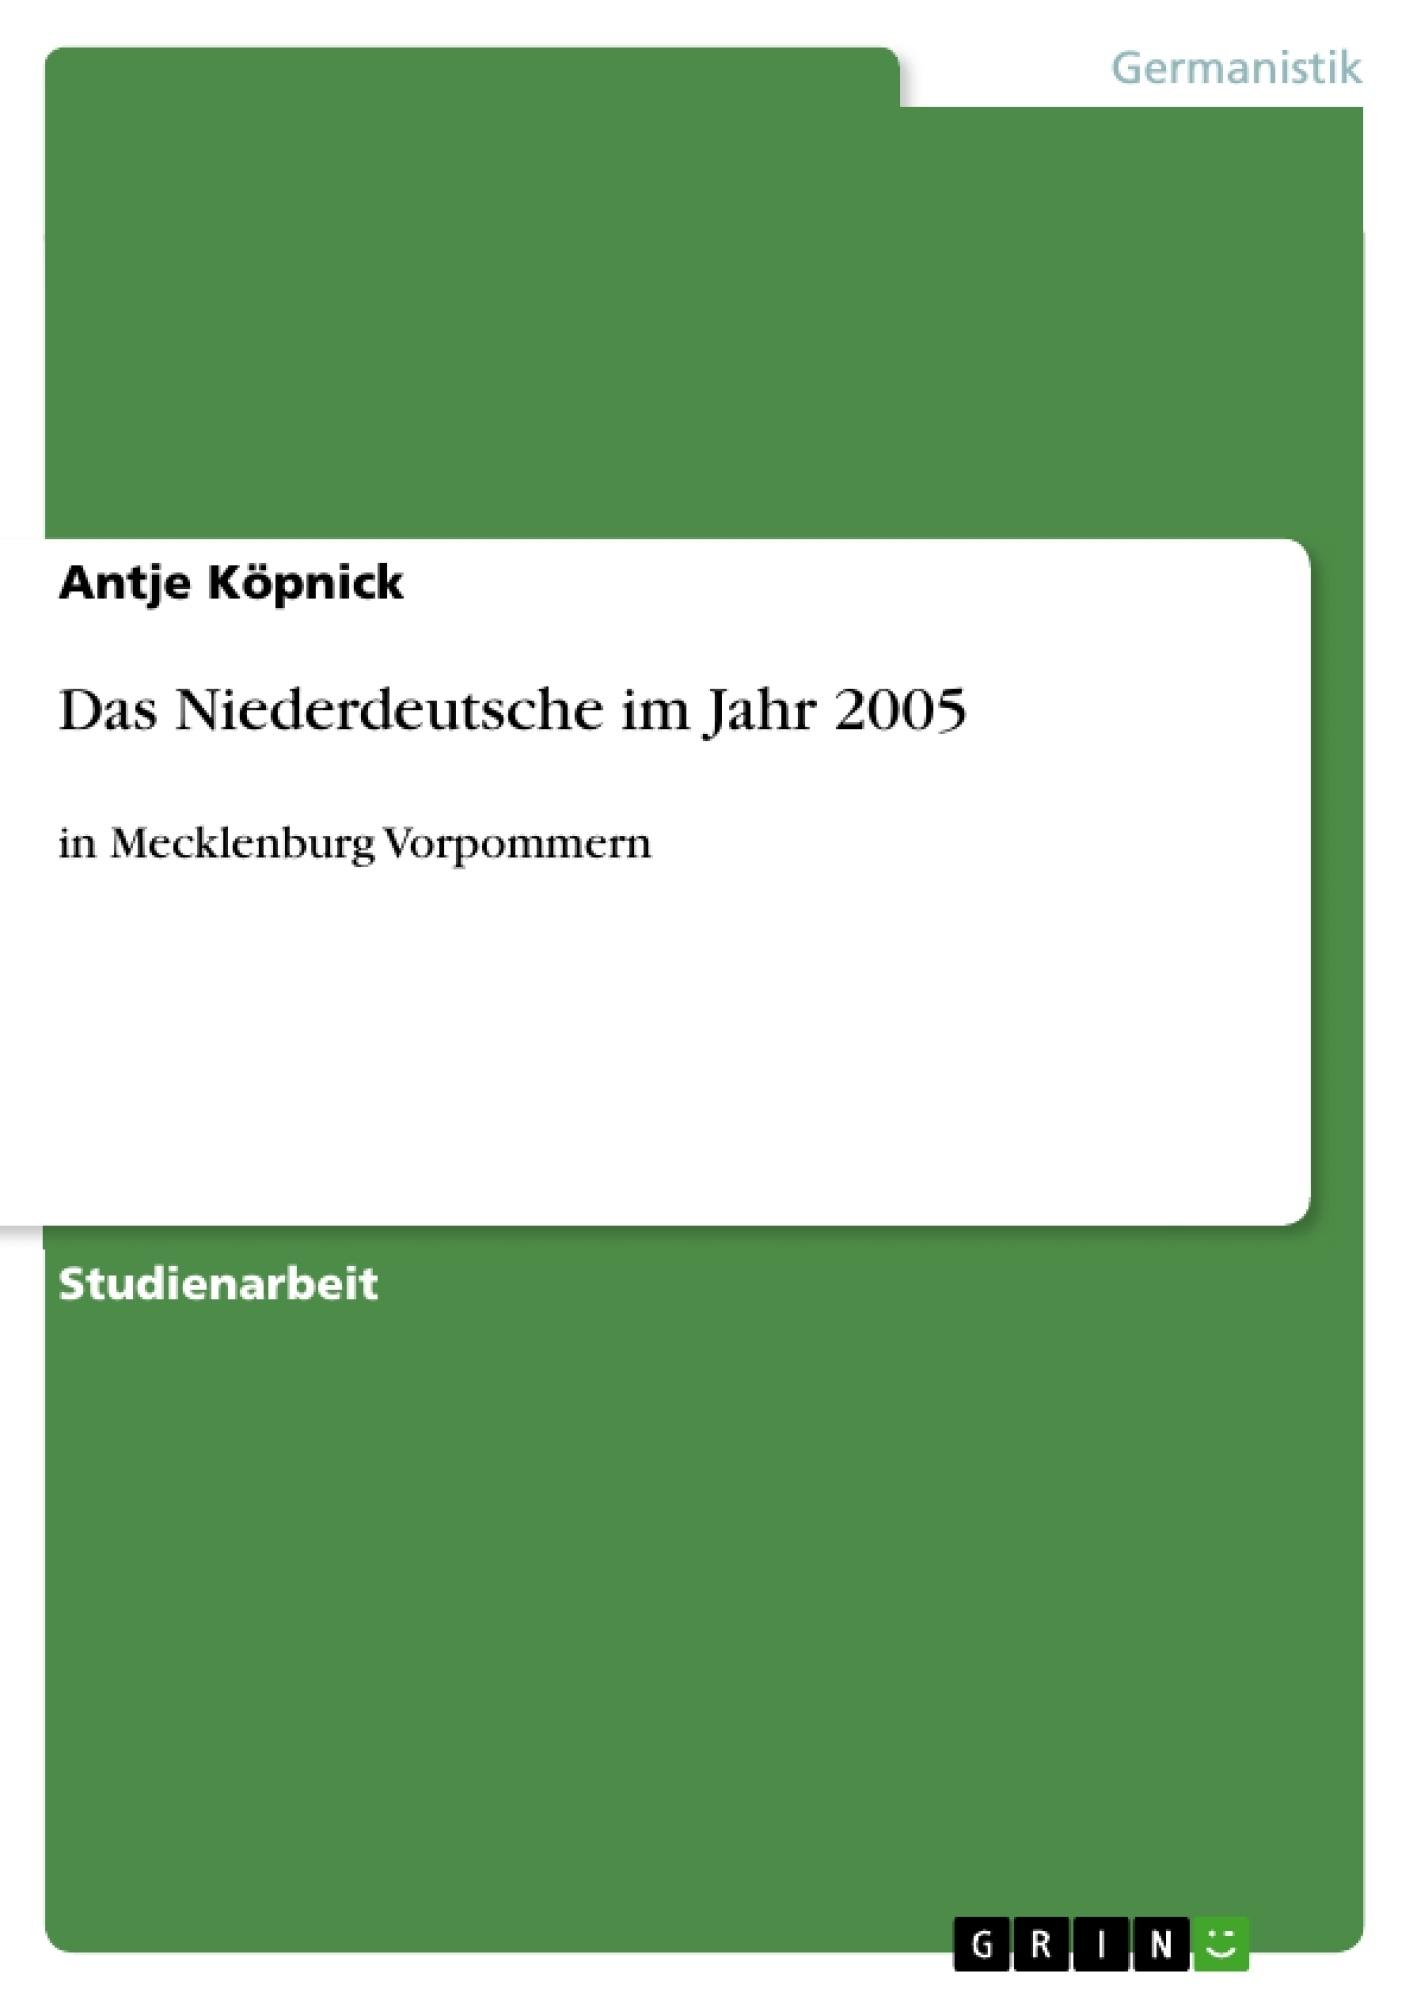 Titel: Das Niederdeutsche im Jahr 2005